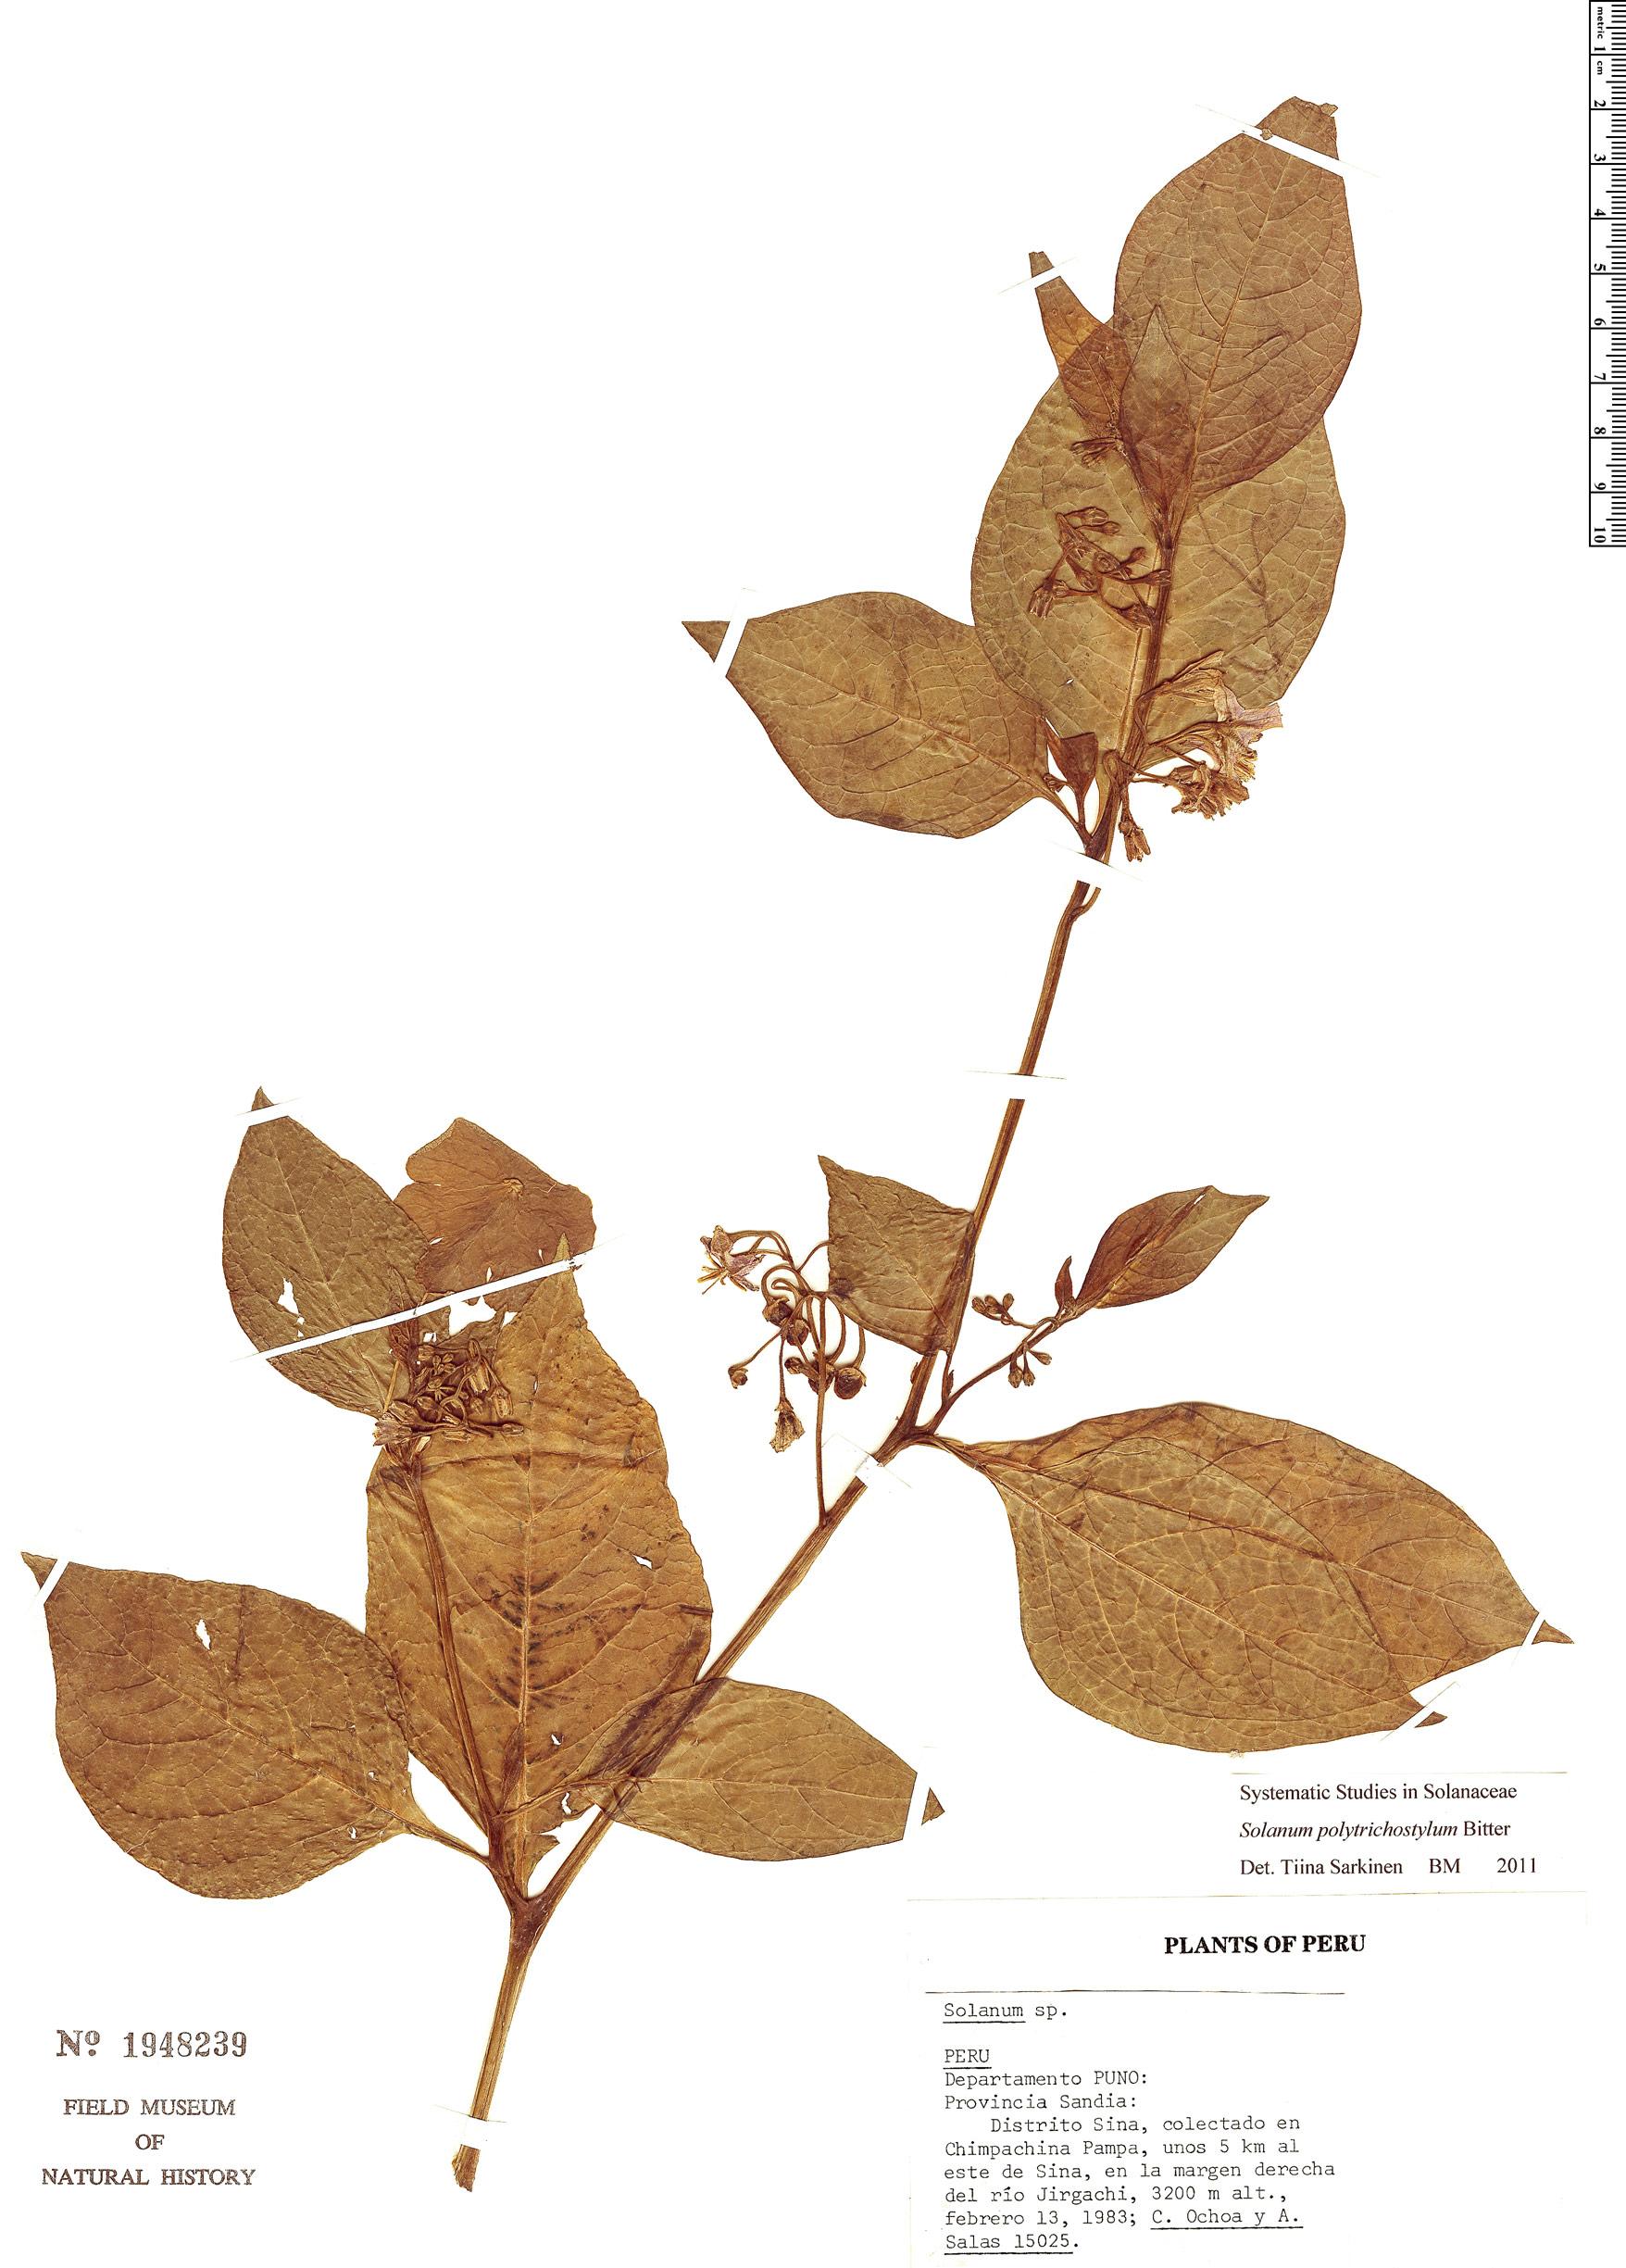 Specimen: Solanum polytrichostylum